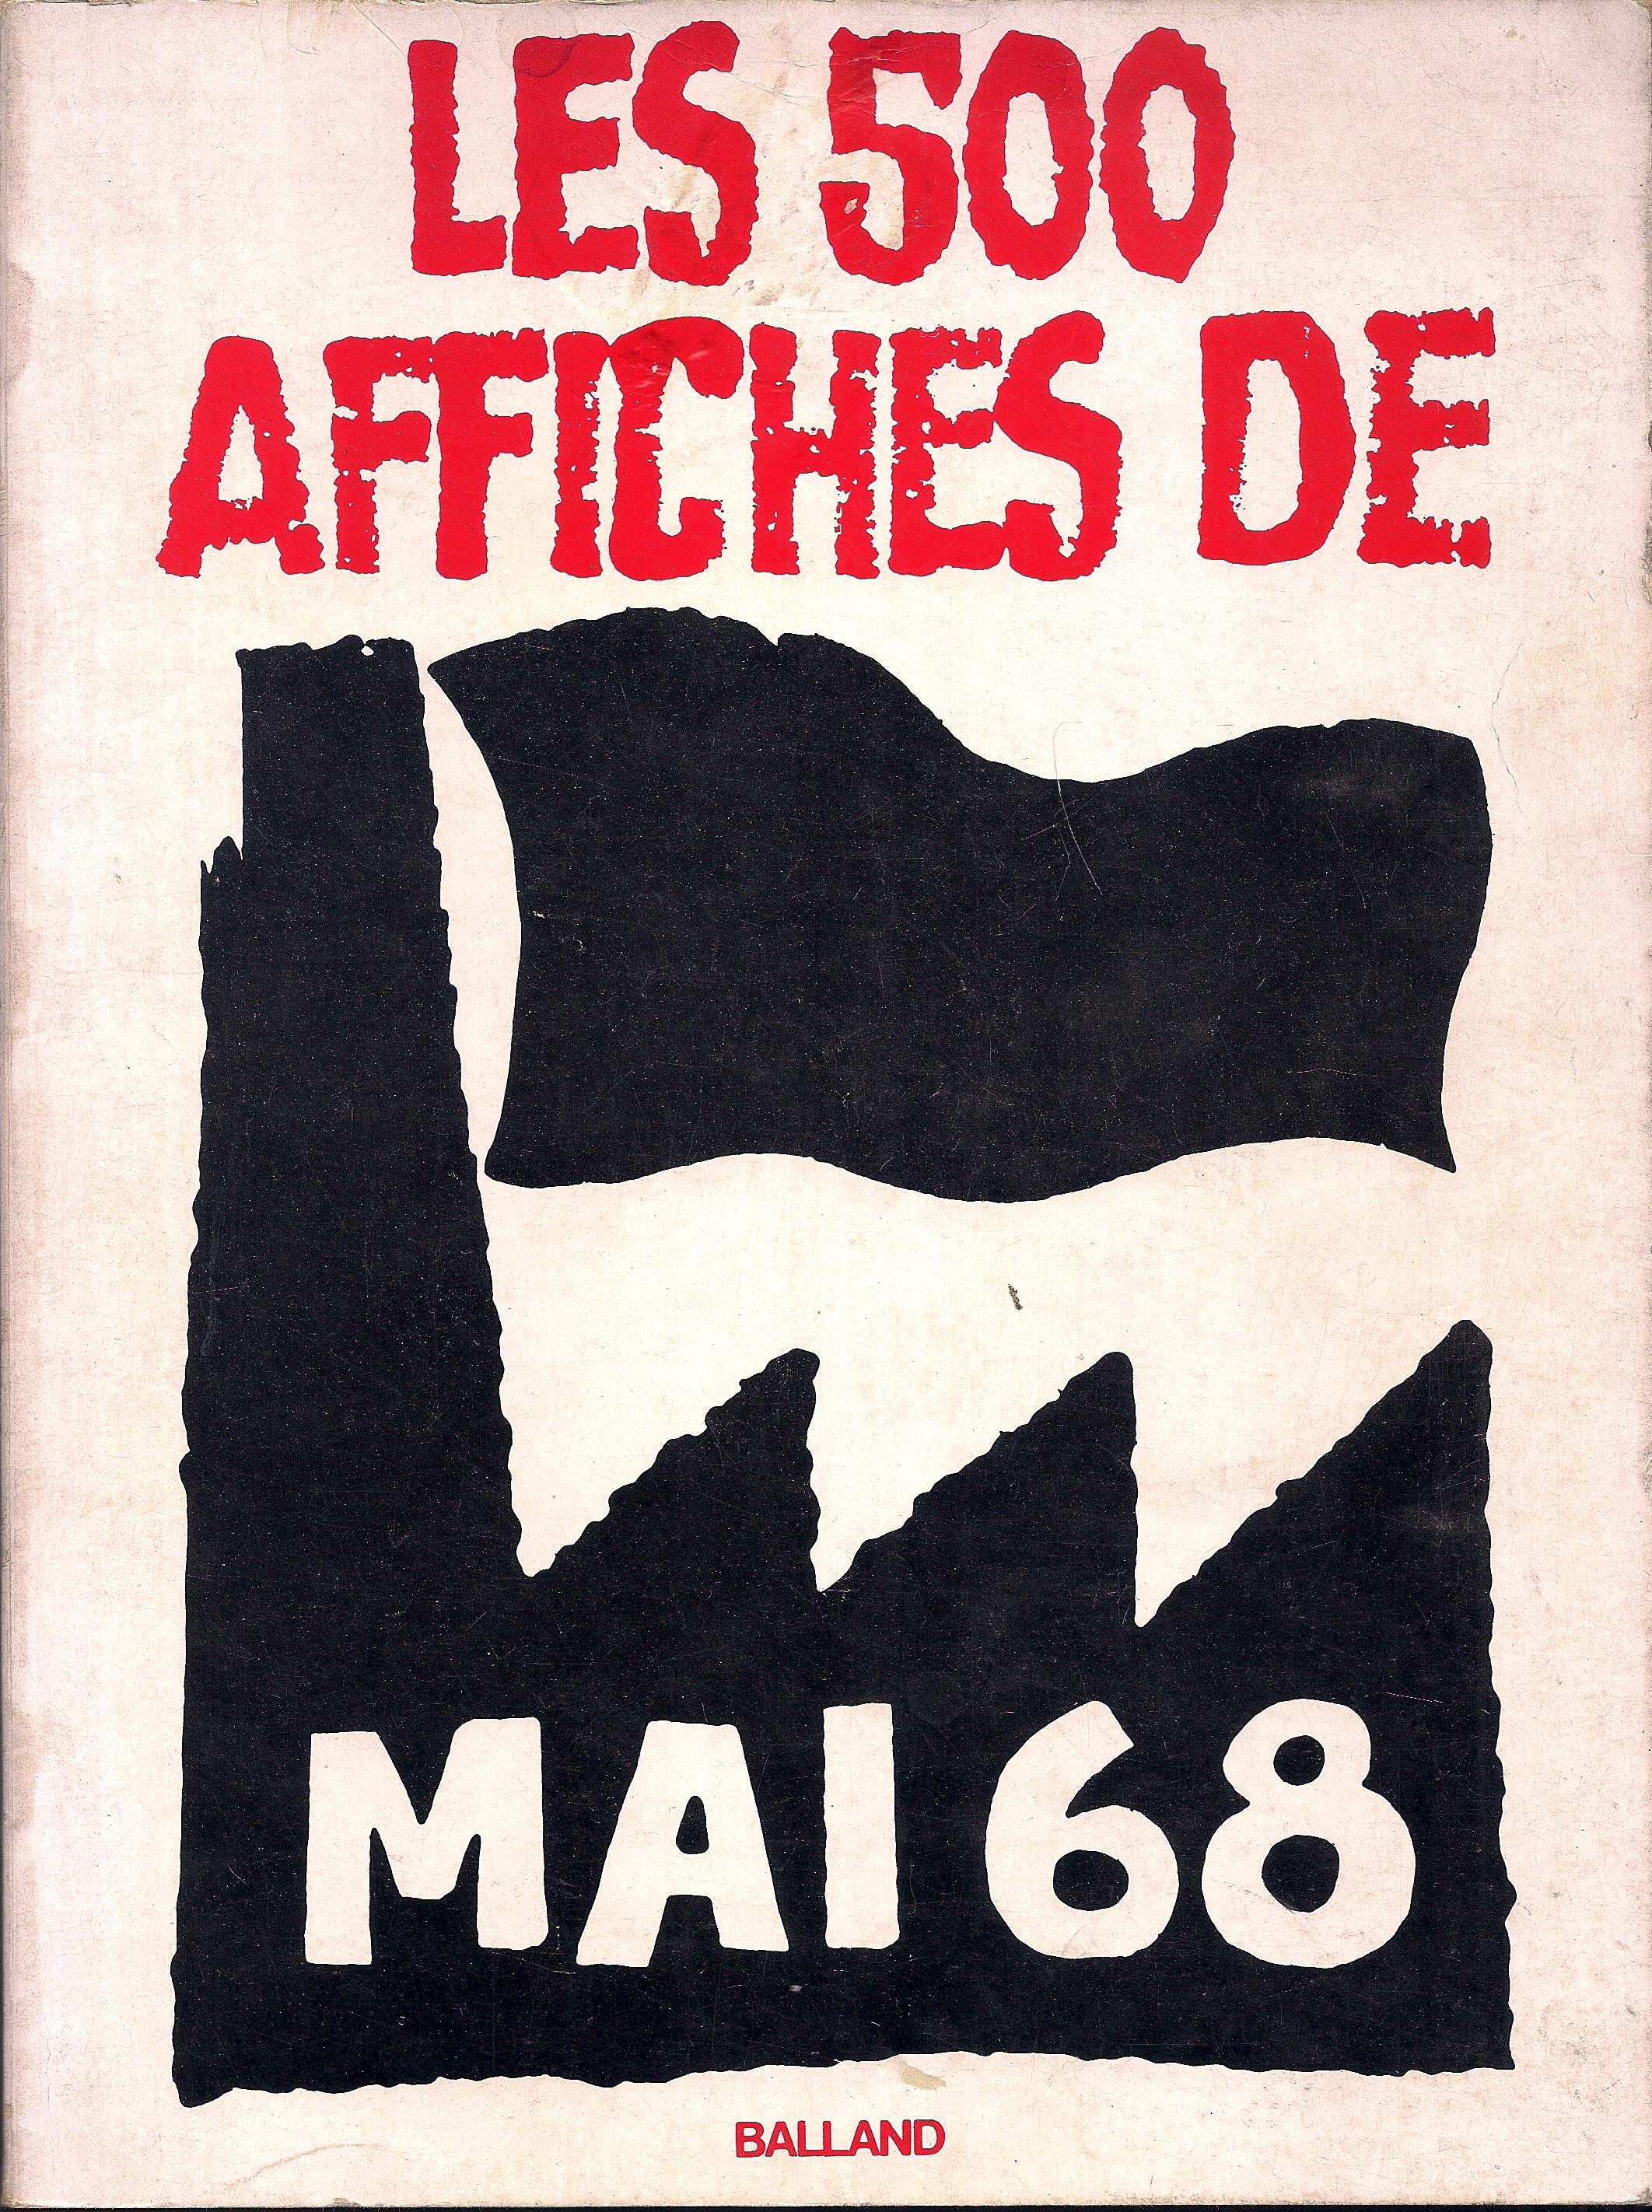 Archivio XX Secolo – Il Maggio Francese, domenica 13 maggio 2018